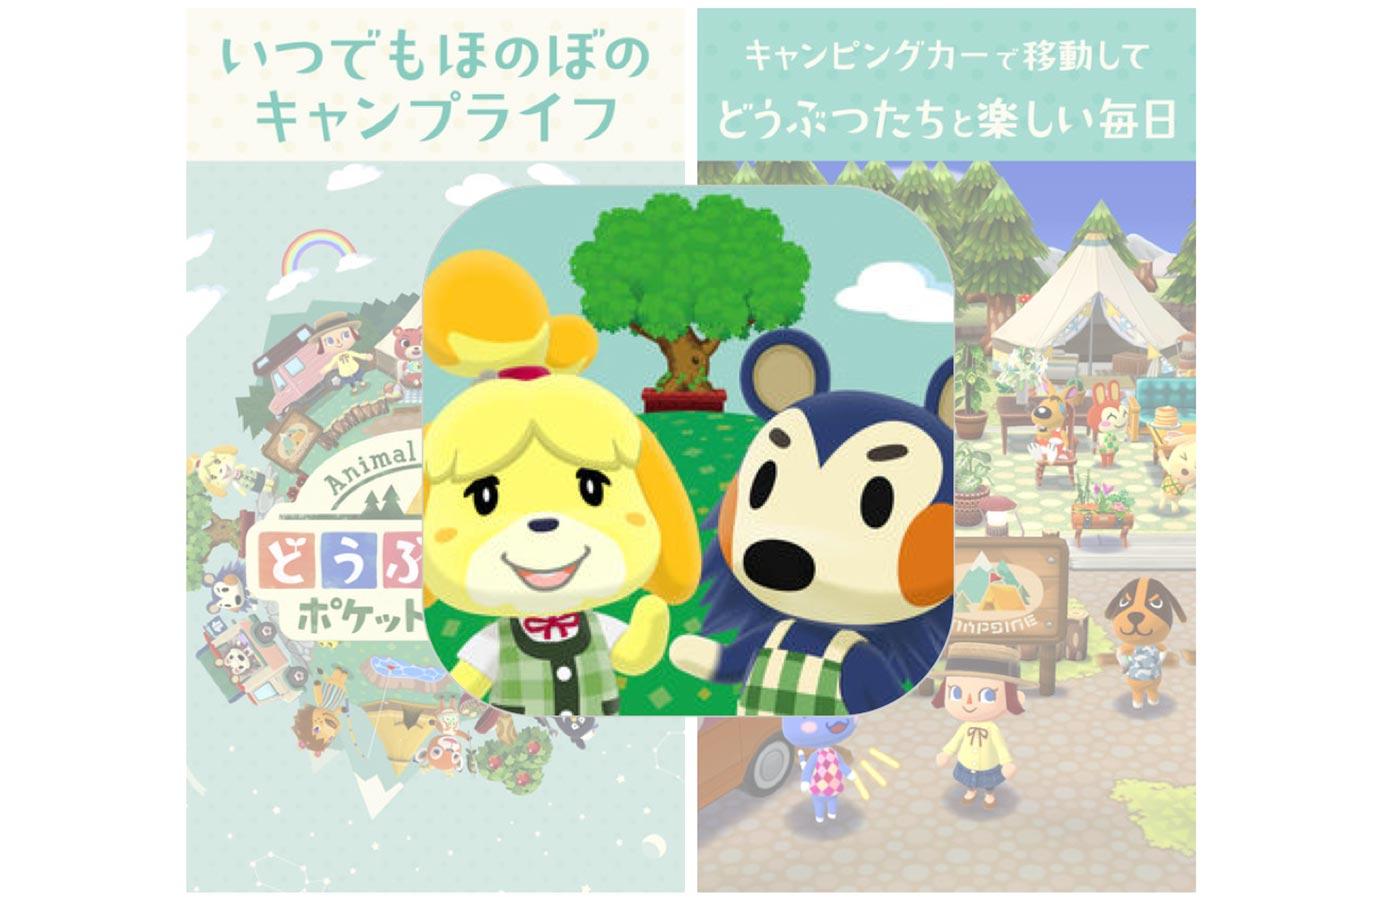 iOSアプリ「どうぶつの森 ポケットキャンプ」がアップデートで「ガーデン」エリアなどを追加